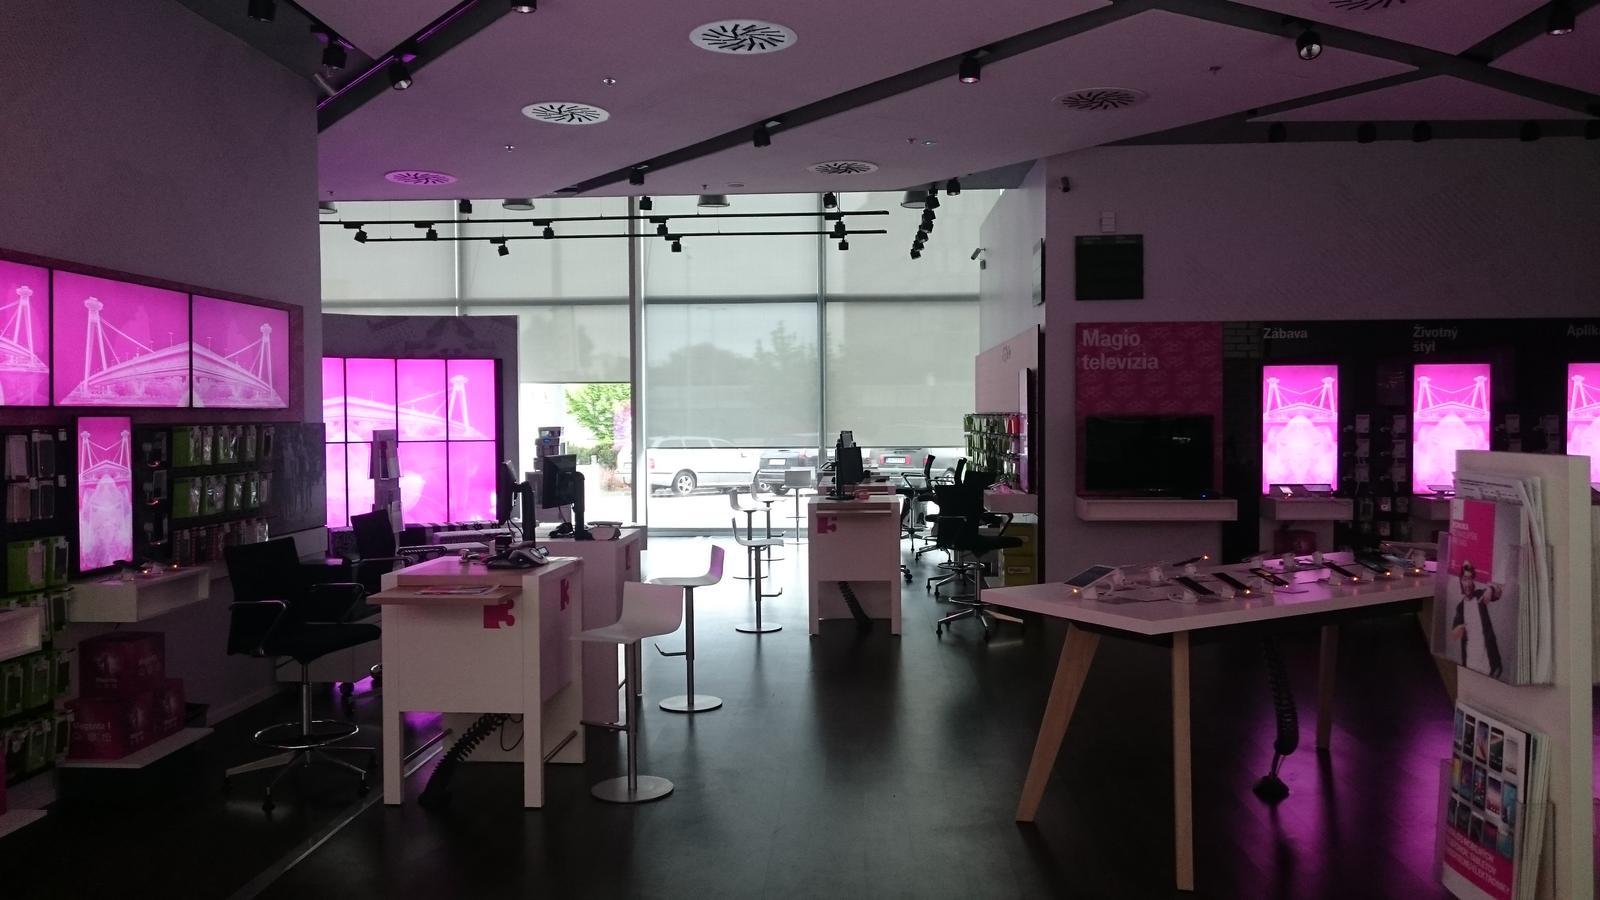 kvalitnetienenie - Realizácia spoločnosti K-system - predajňa T-com, Aupark Bratislava